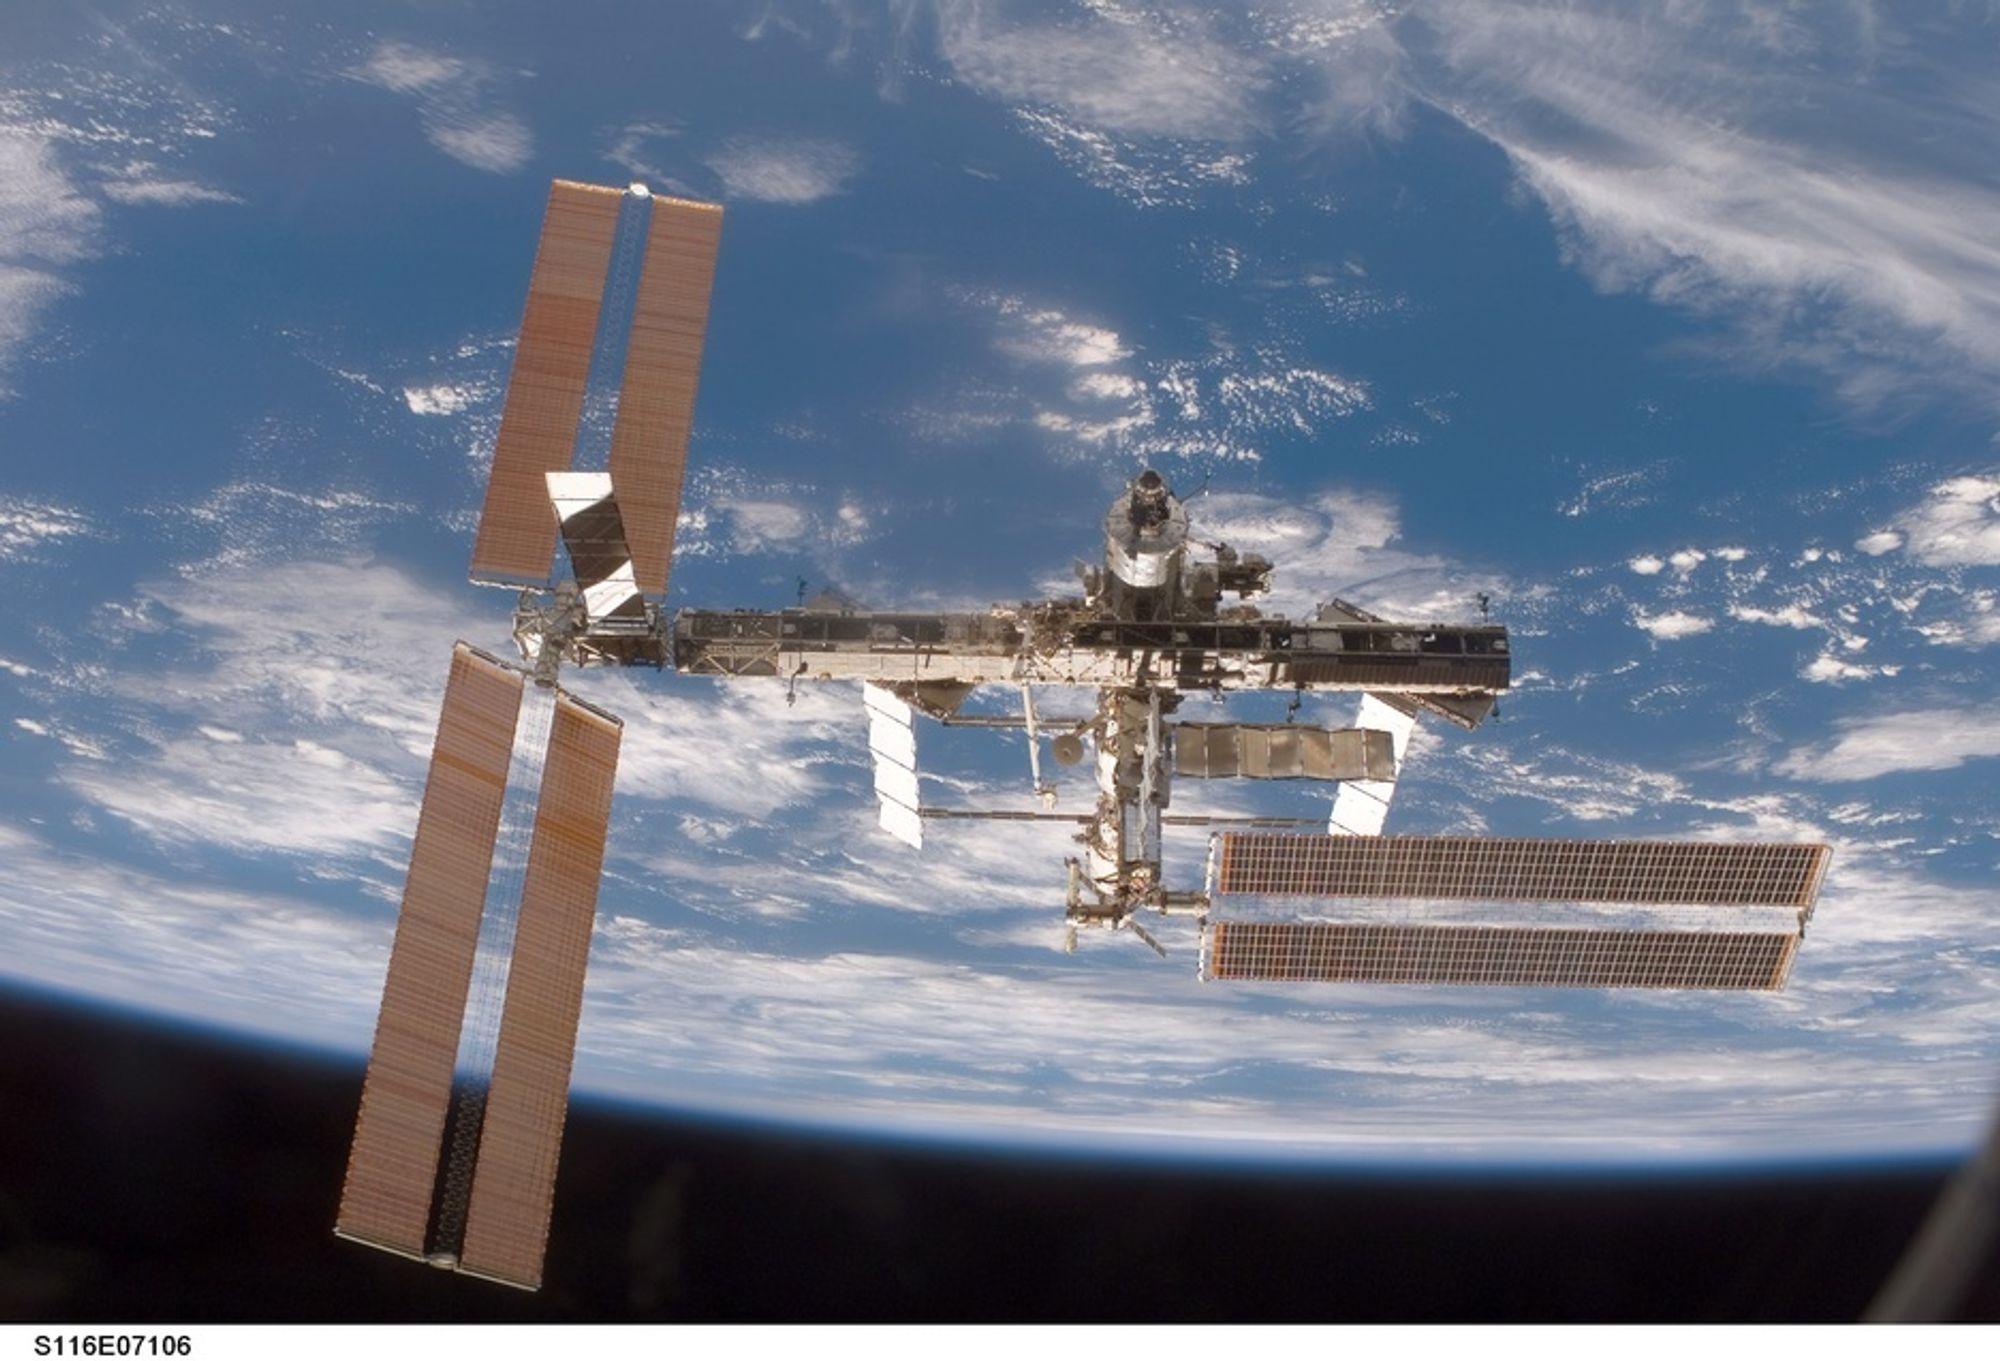 DESEMBER 2006: STS-116-mannskapet (inkl. Christer Fuglesang) har klappet sammen solcellepanelet på stasjonsdel P6, lagt til en ny P5-del og rekonfigurert hele det elektriske systemet.